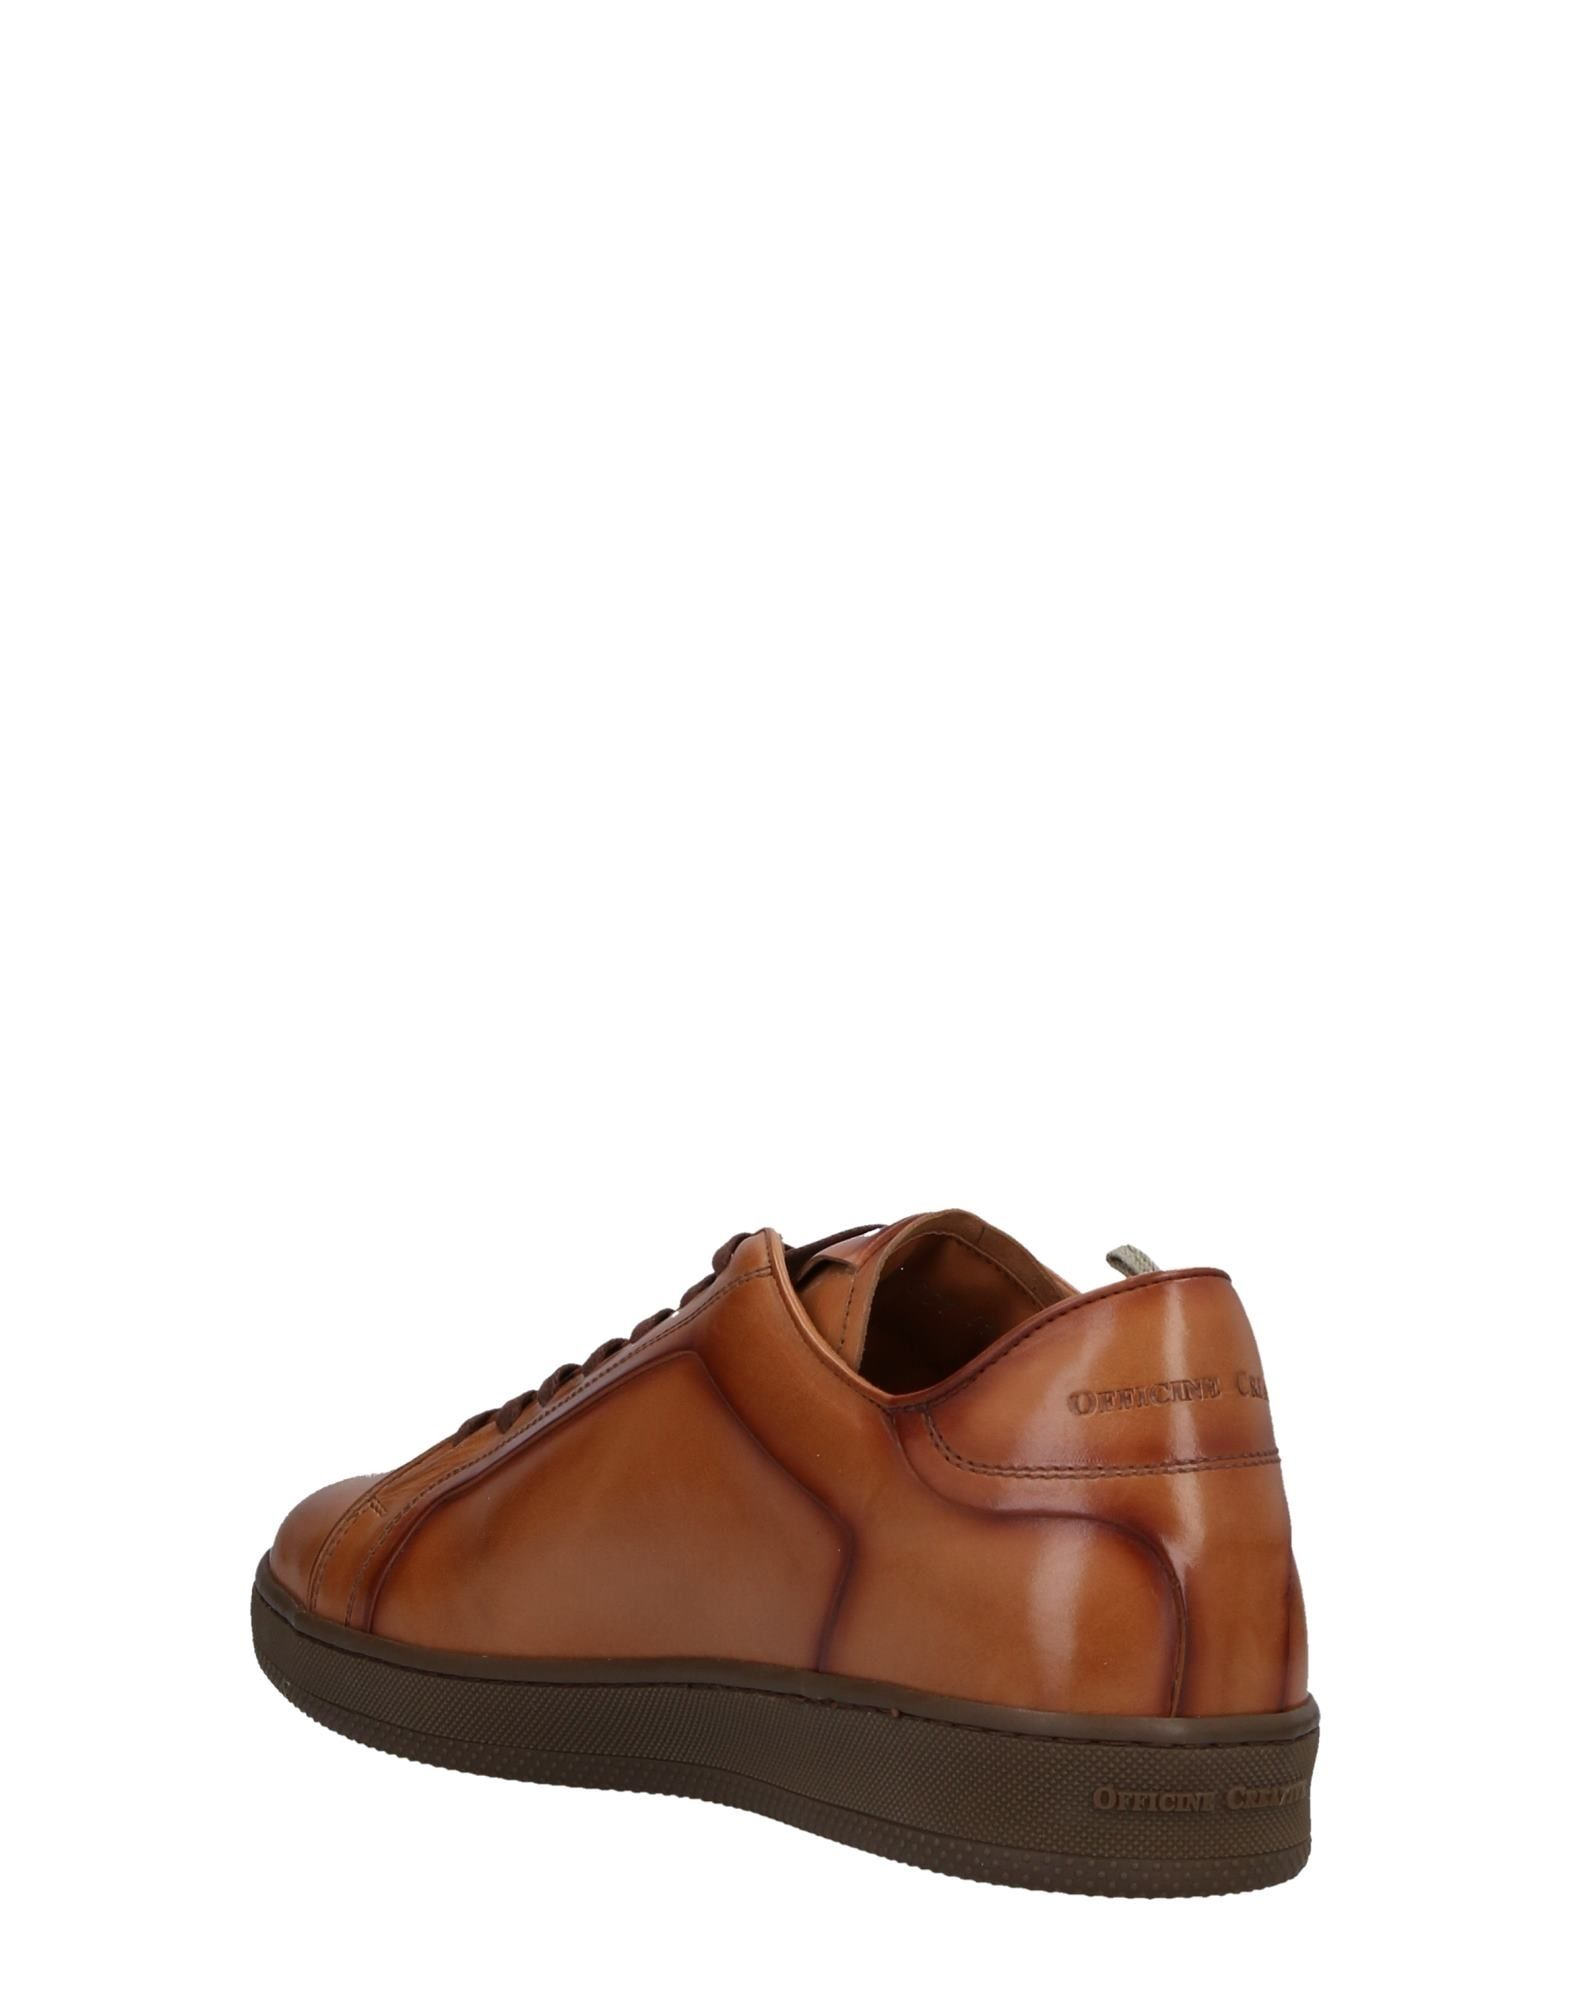 Officine Creative Italia Sneakers Herren  11513121DB Gute Qualität beliebte Schuhe